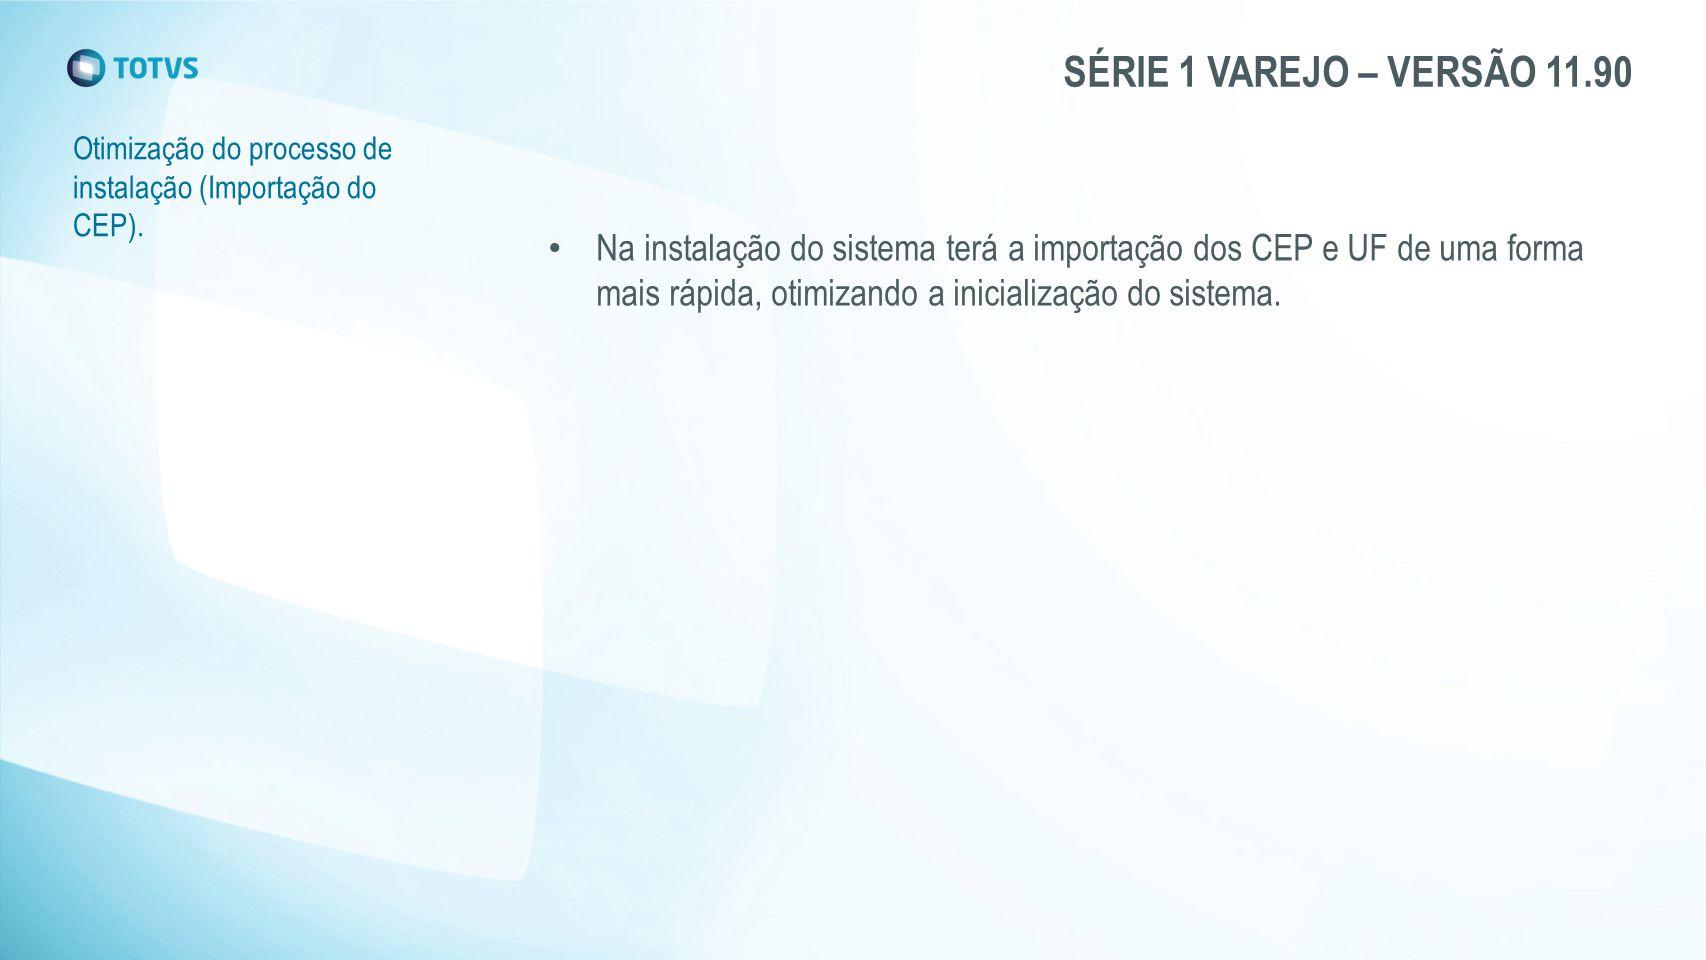 SÉRIE 1 VAREJO – VERSÃO 11.90 Otimização do processo de instalação (Importação do CEP). Na instalação do sistema terá a importação dos CEP e UF de uma